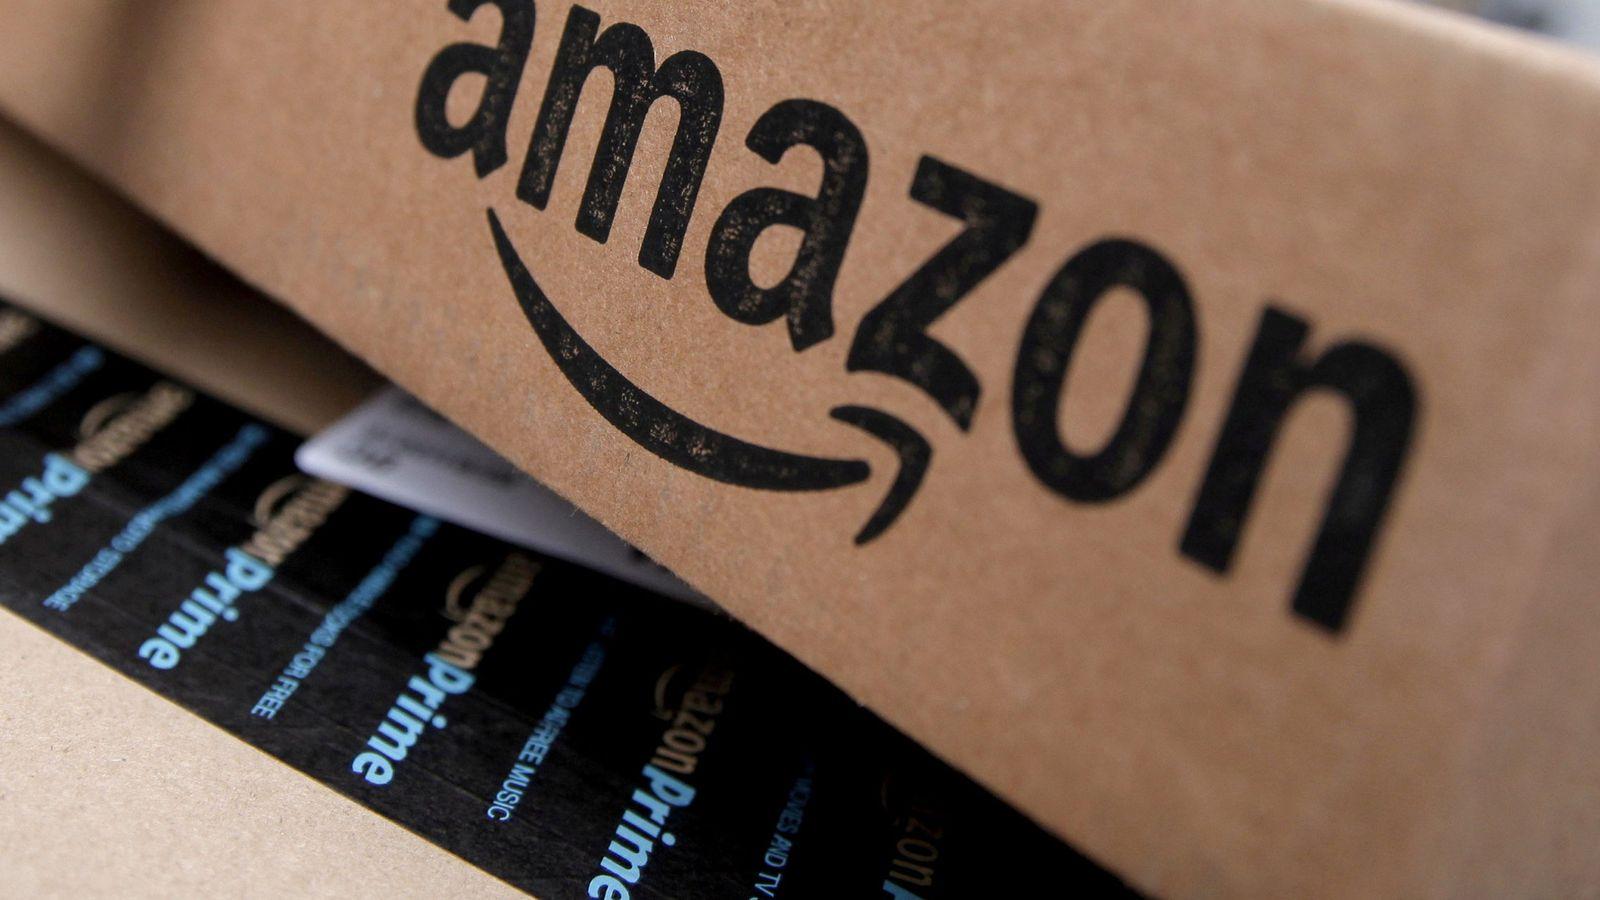 Ofertas El AmazonSigue Que Son Amazon No Prime Day 2018Estas Las 3KlFT1Jc